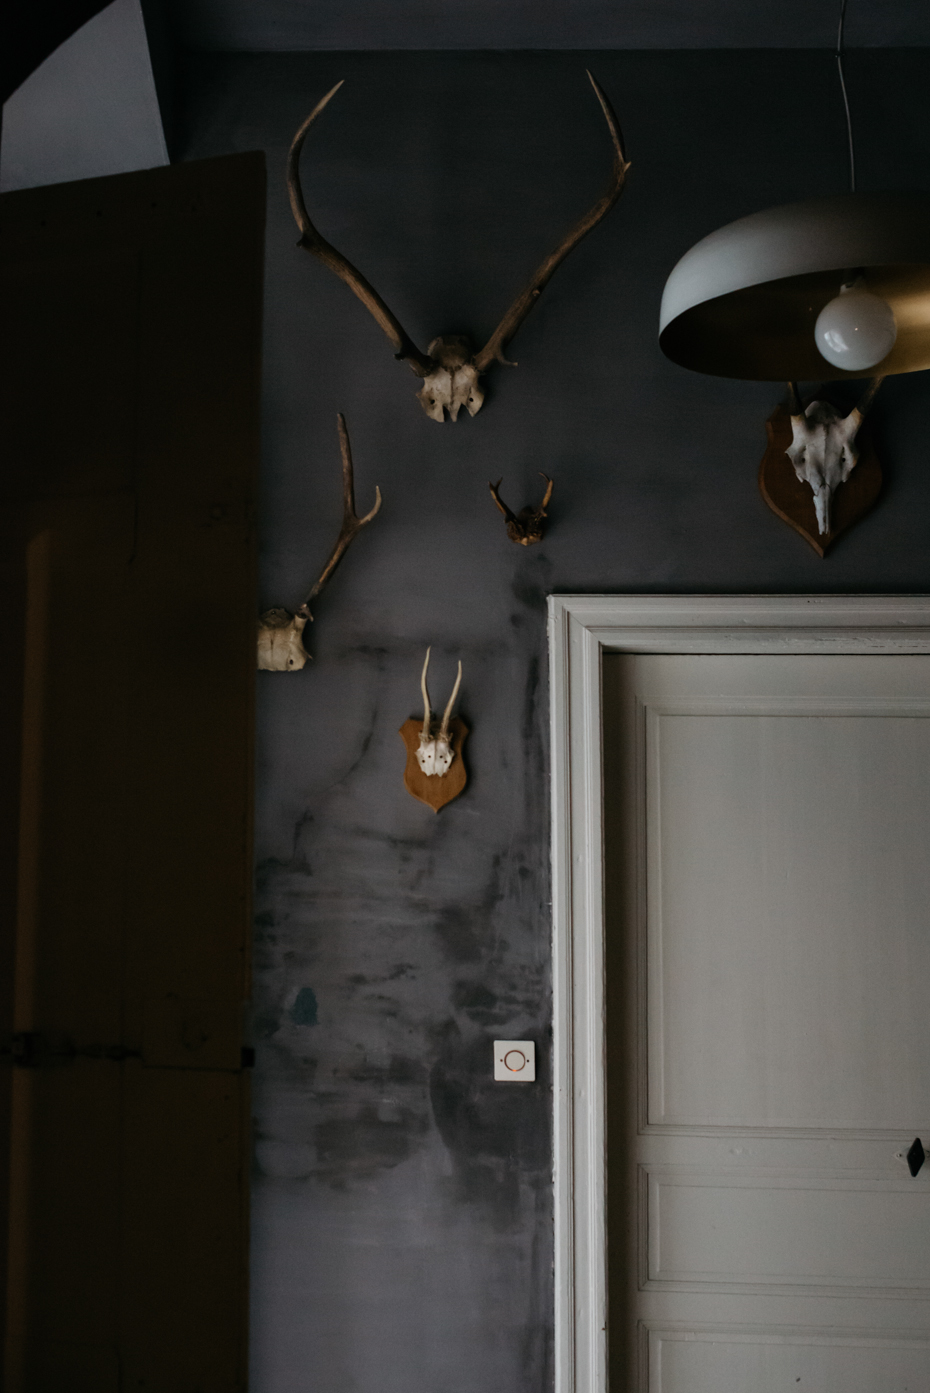 Una zona priva di luce è stata enfatizzata con la tinteggiatura scura e la collezione di corna.